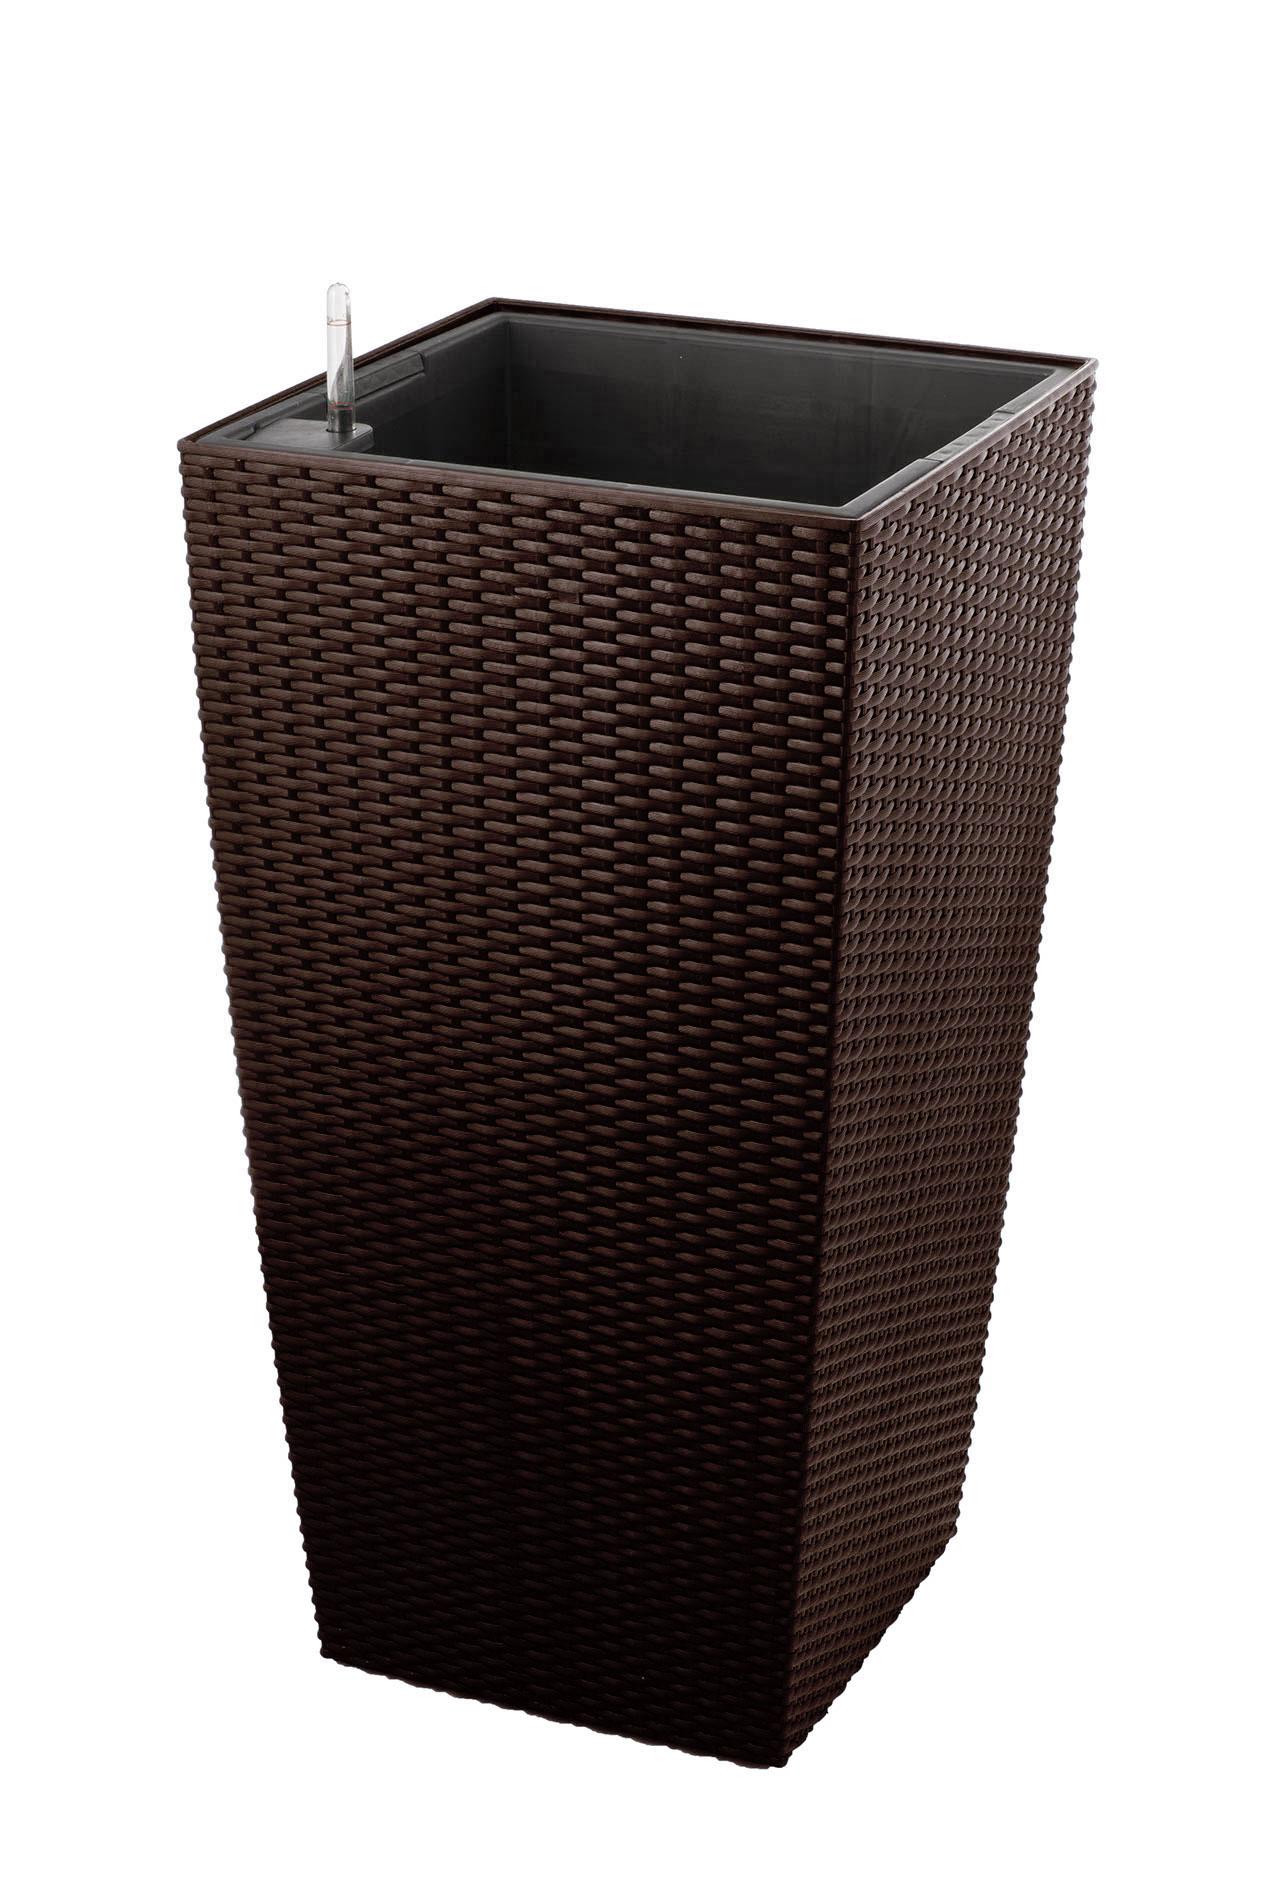 Samozavlažovací květináč G21 Linea ratan big mocha 76 cm